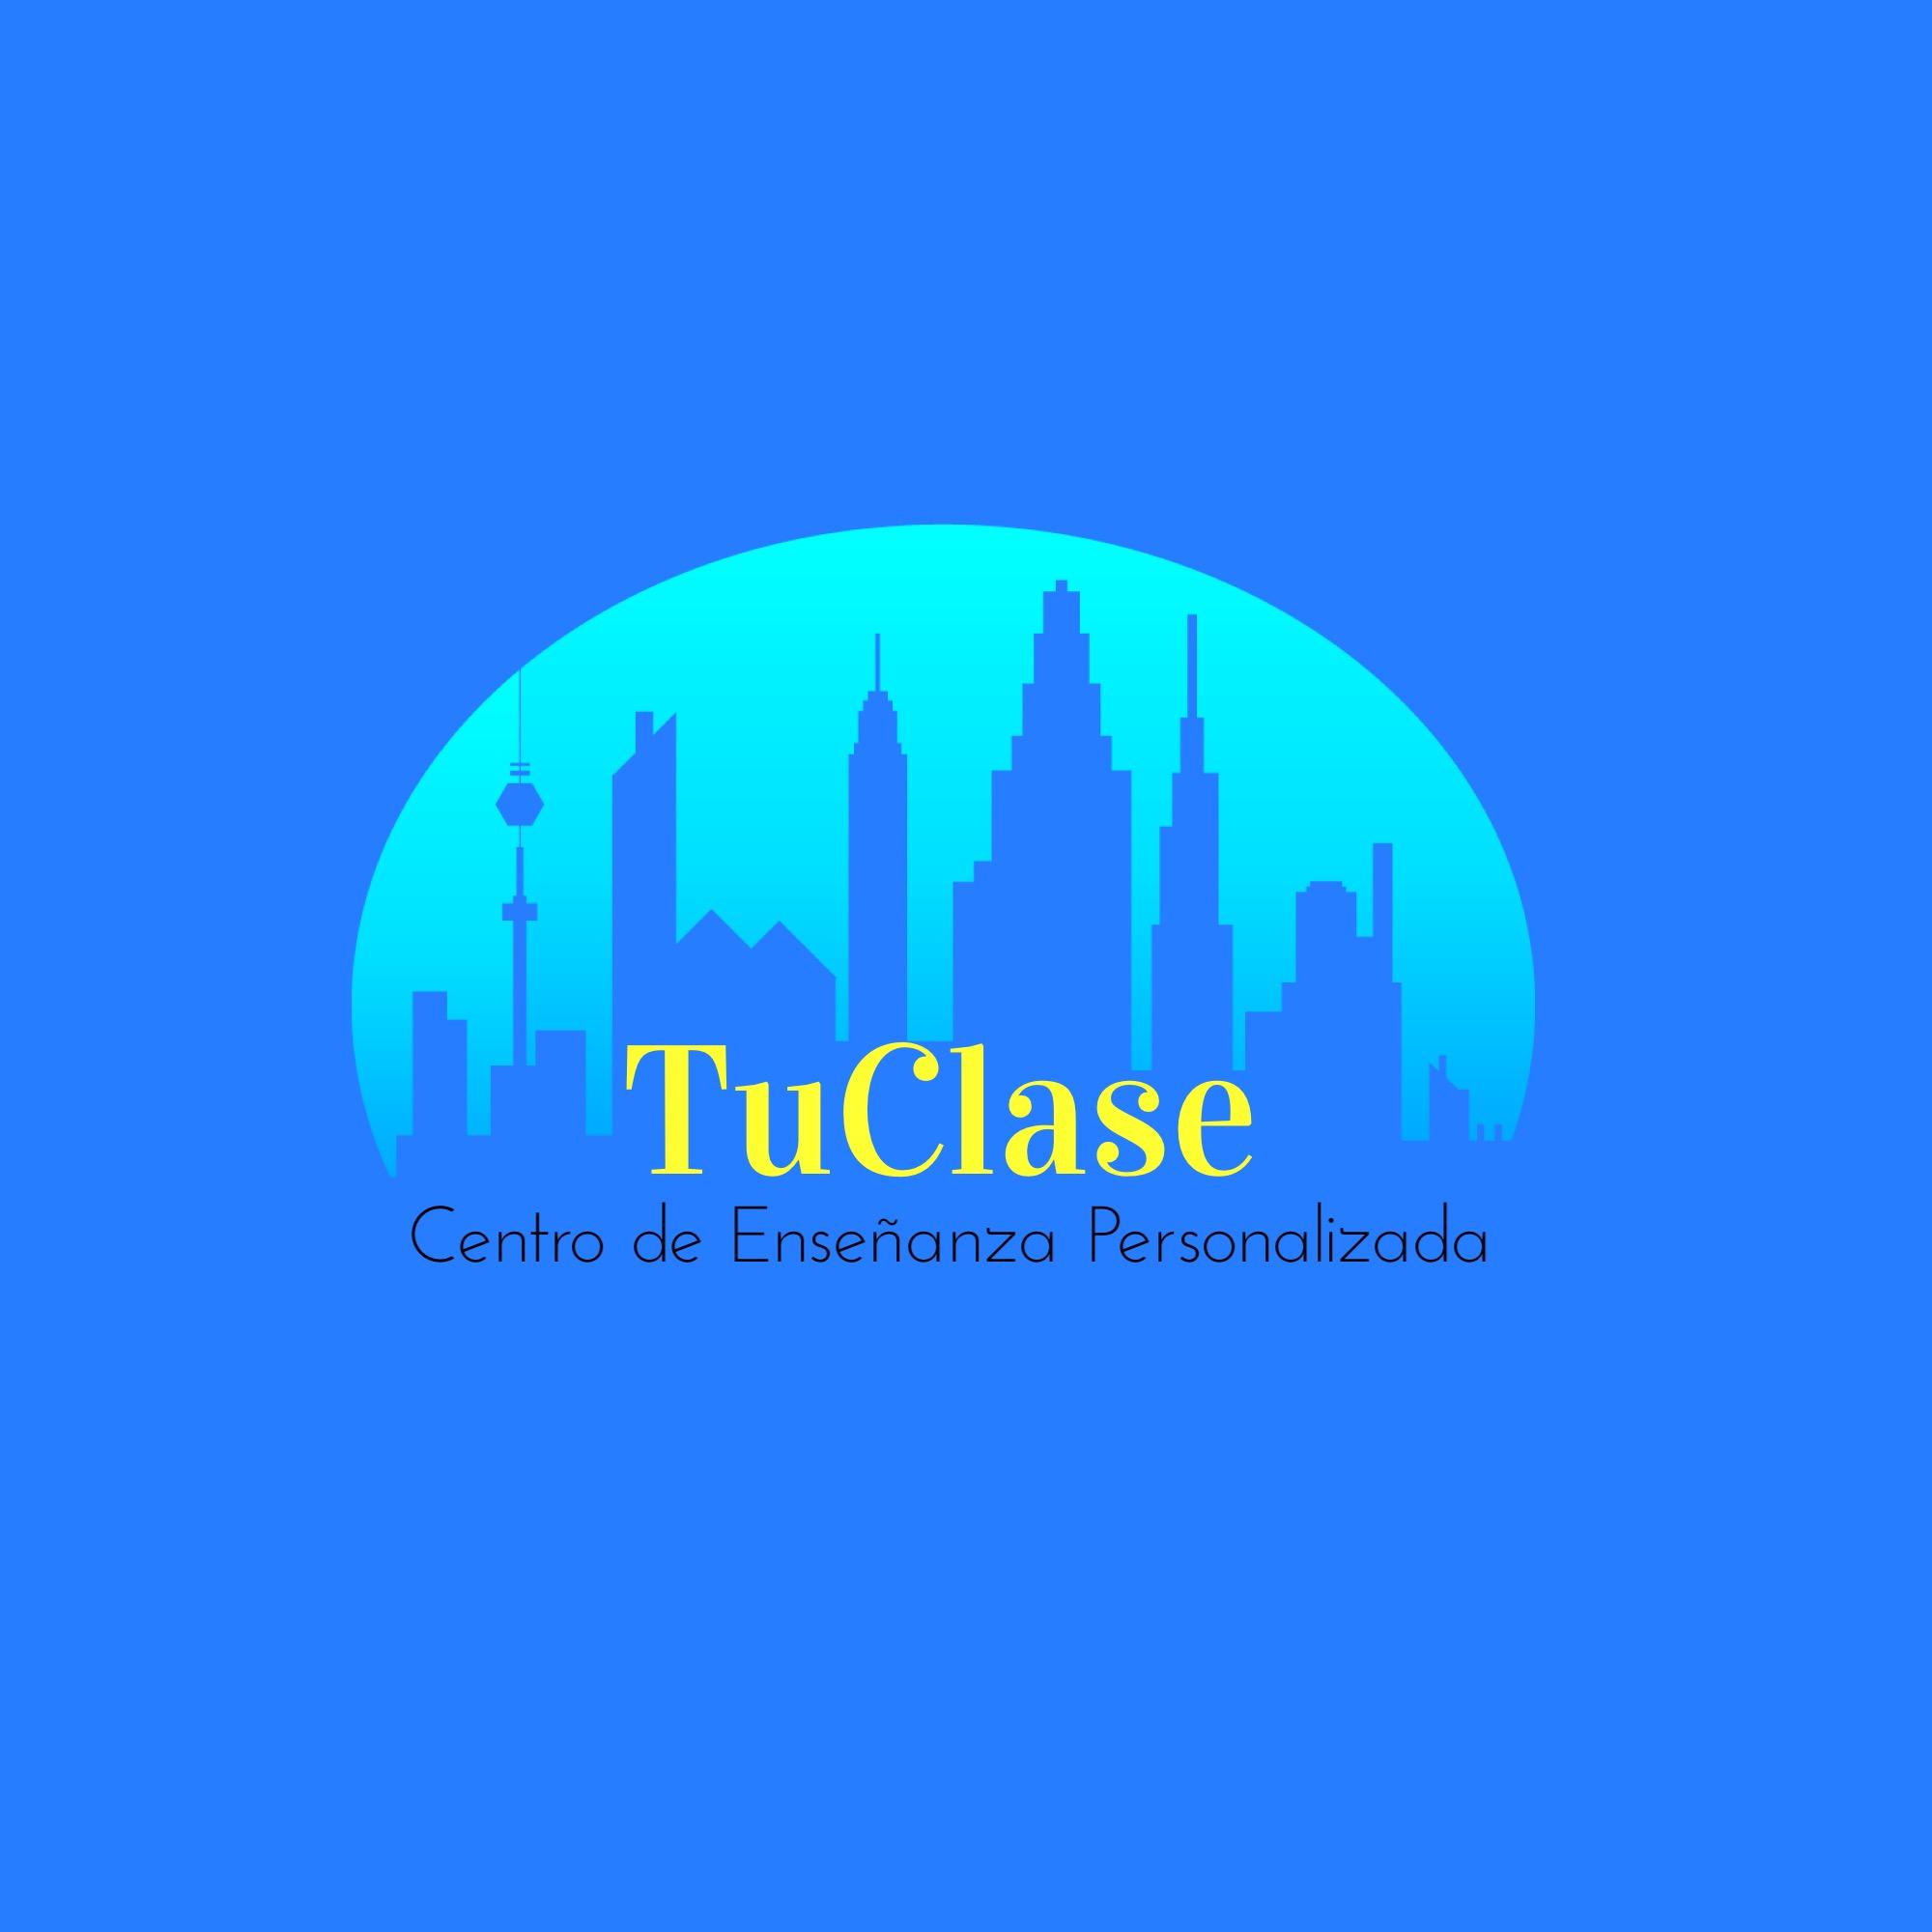 Centro de Enseñanza Personalizada. TuClase.